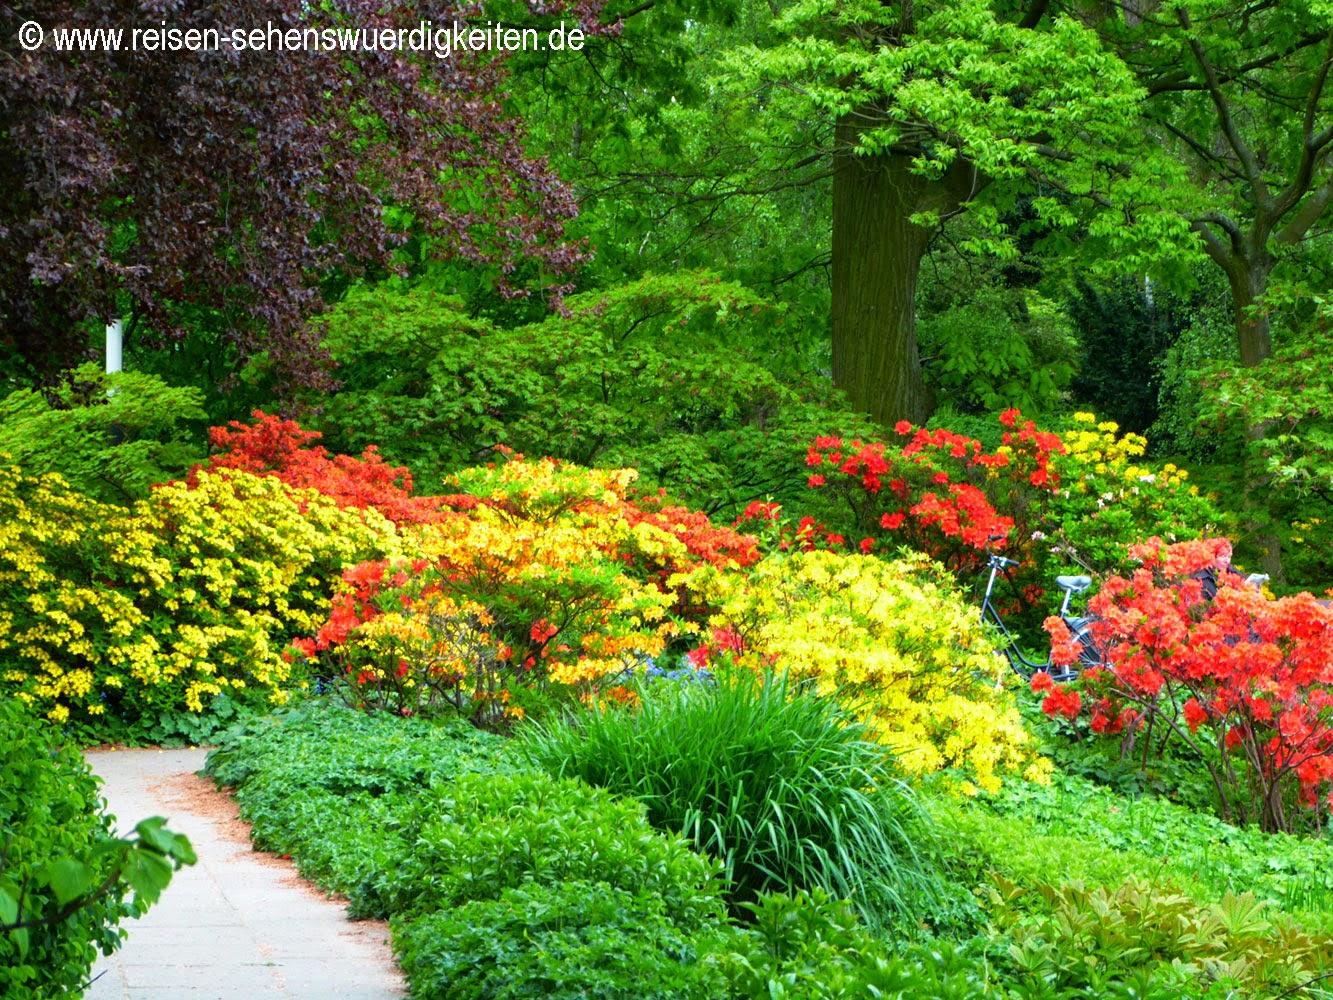 Schönster Park Hamburg - Planten un Blomen